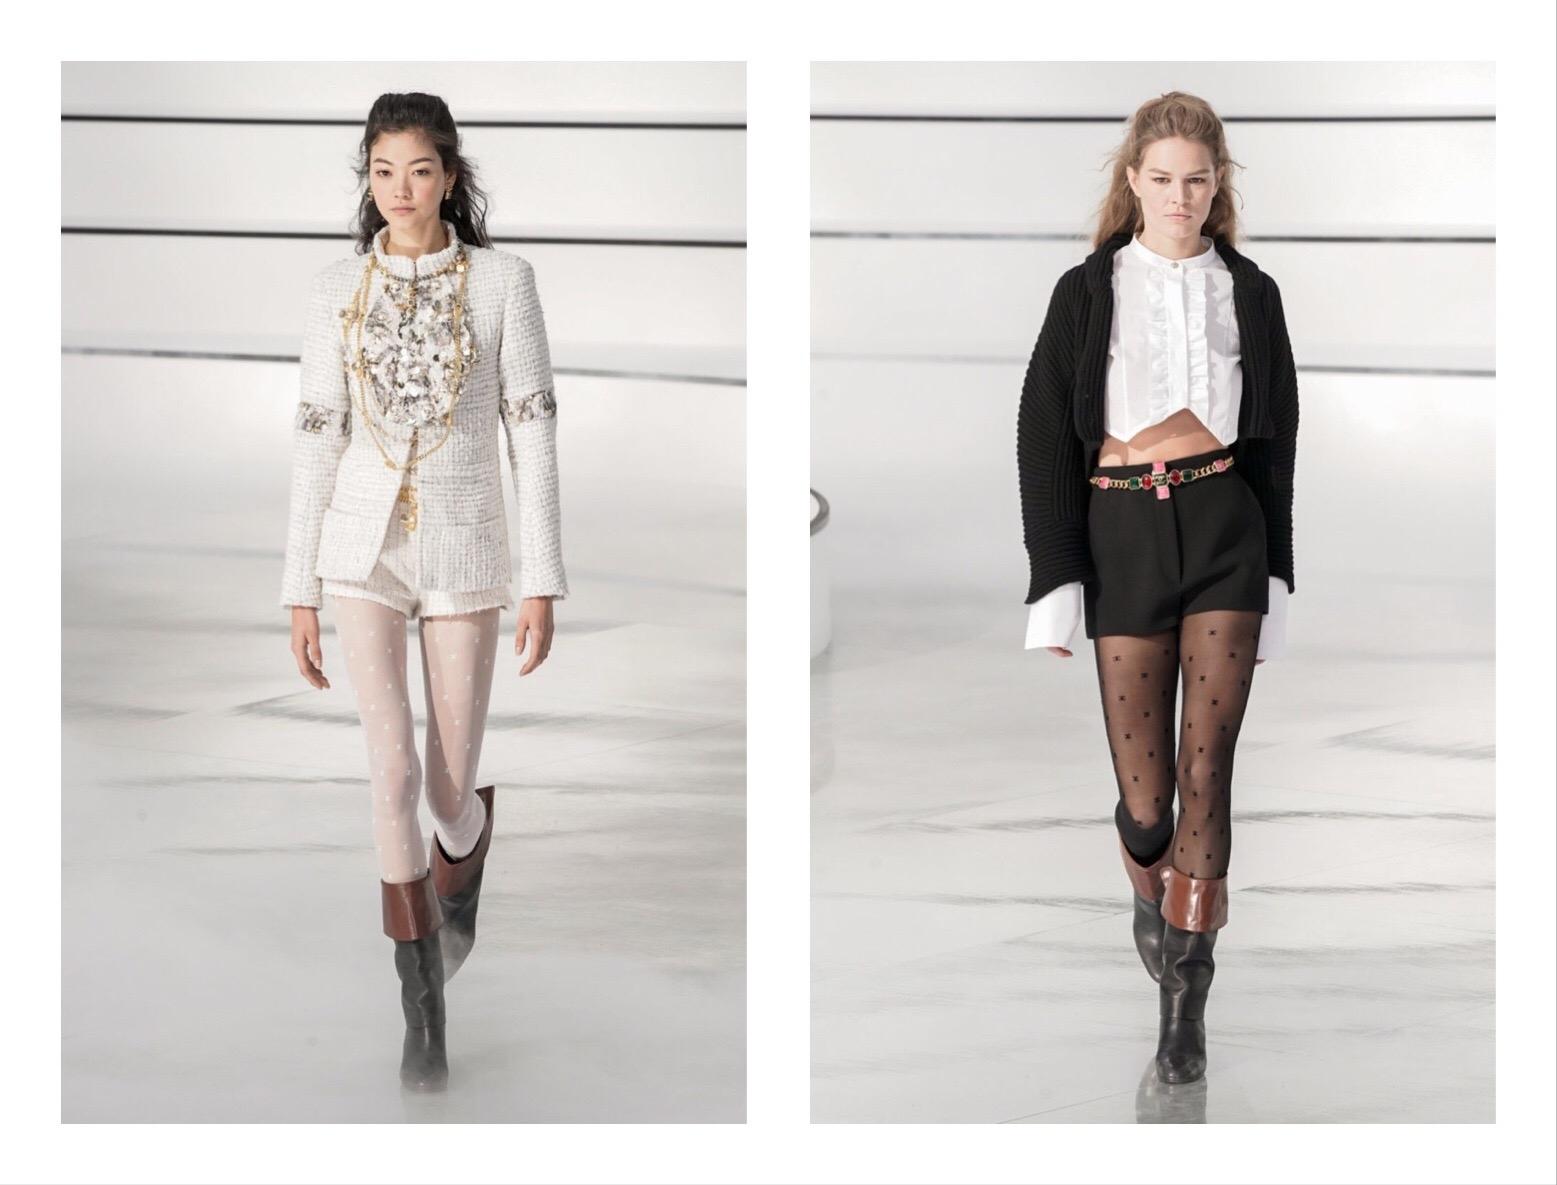 Парижский шик в лучших традициях Chanel: обзор коллекции (ФОТО) - фото №4